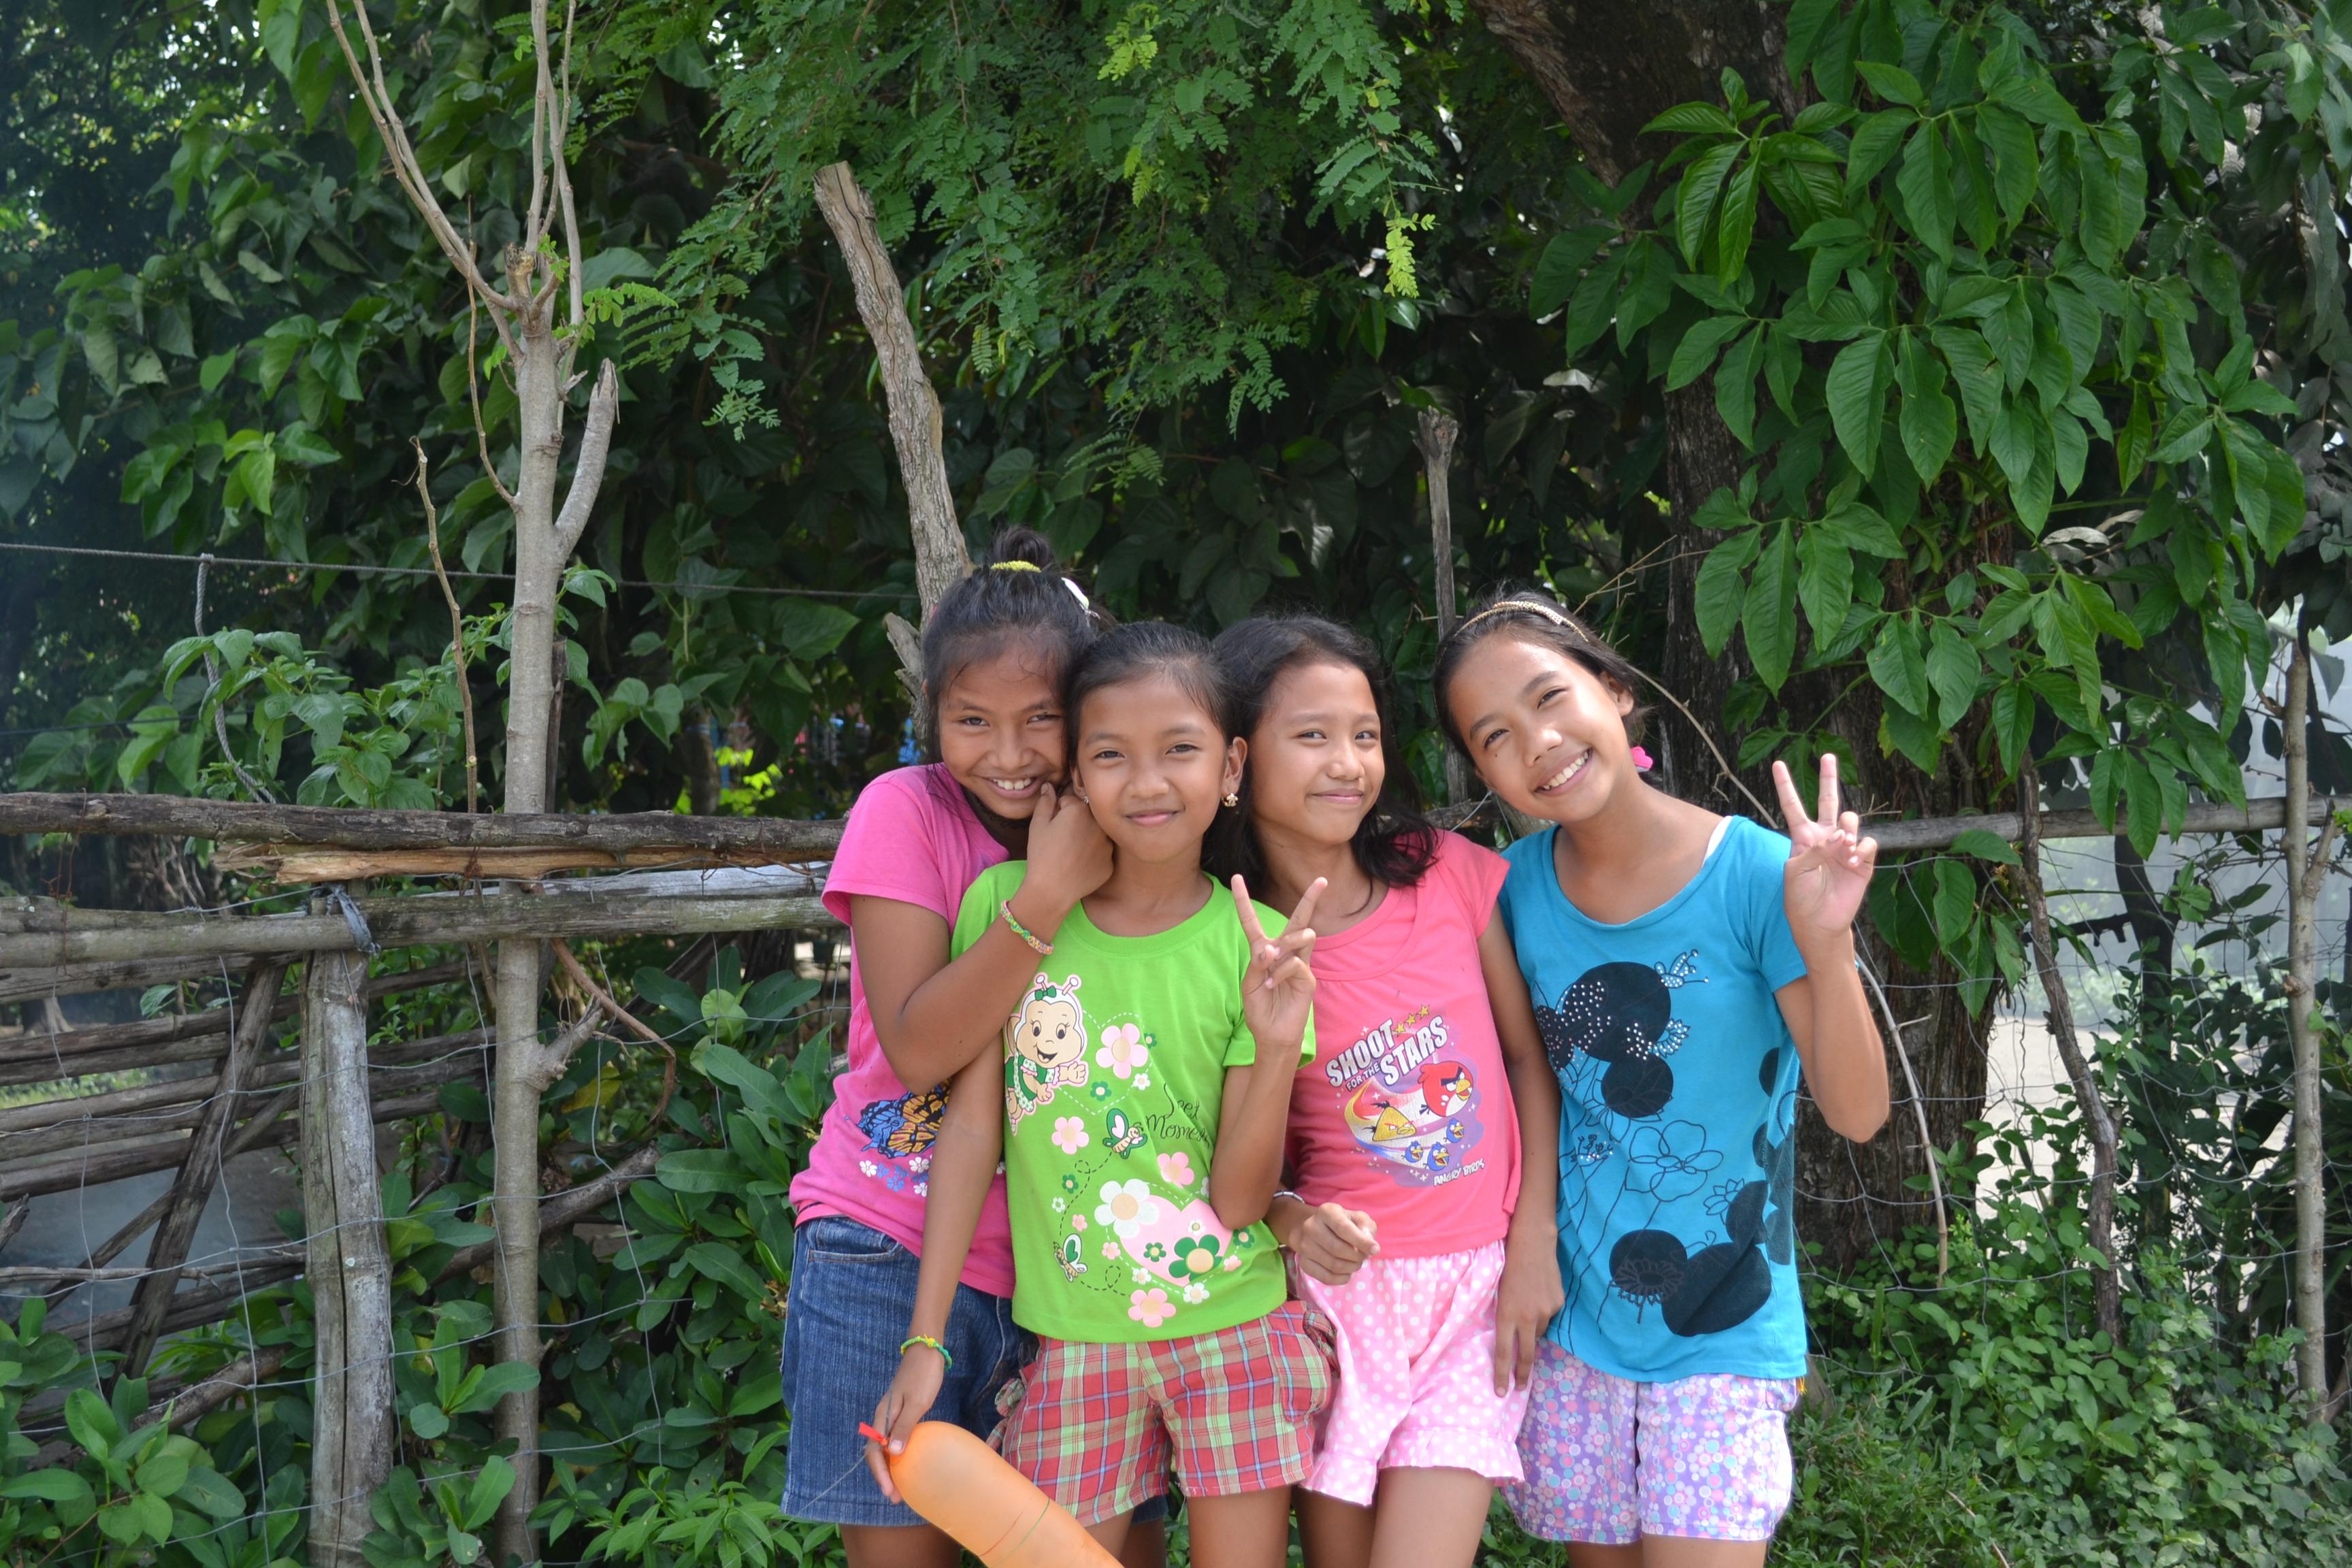 女の子たちの写真